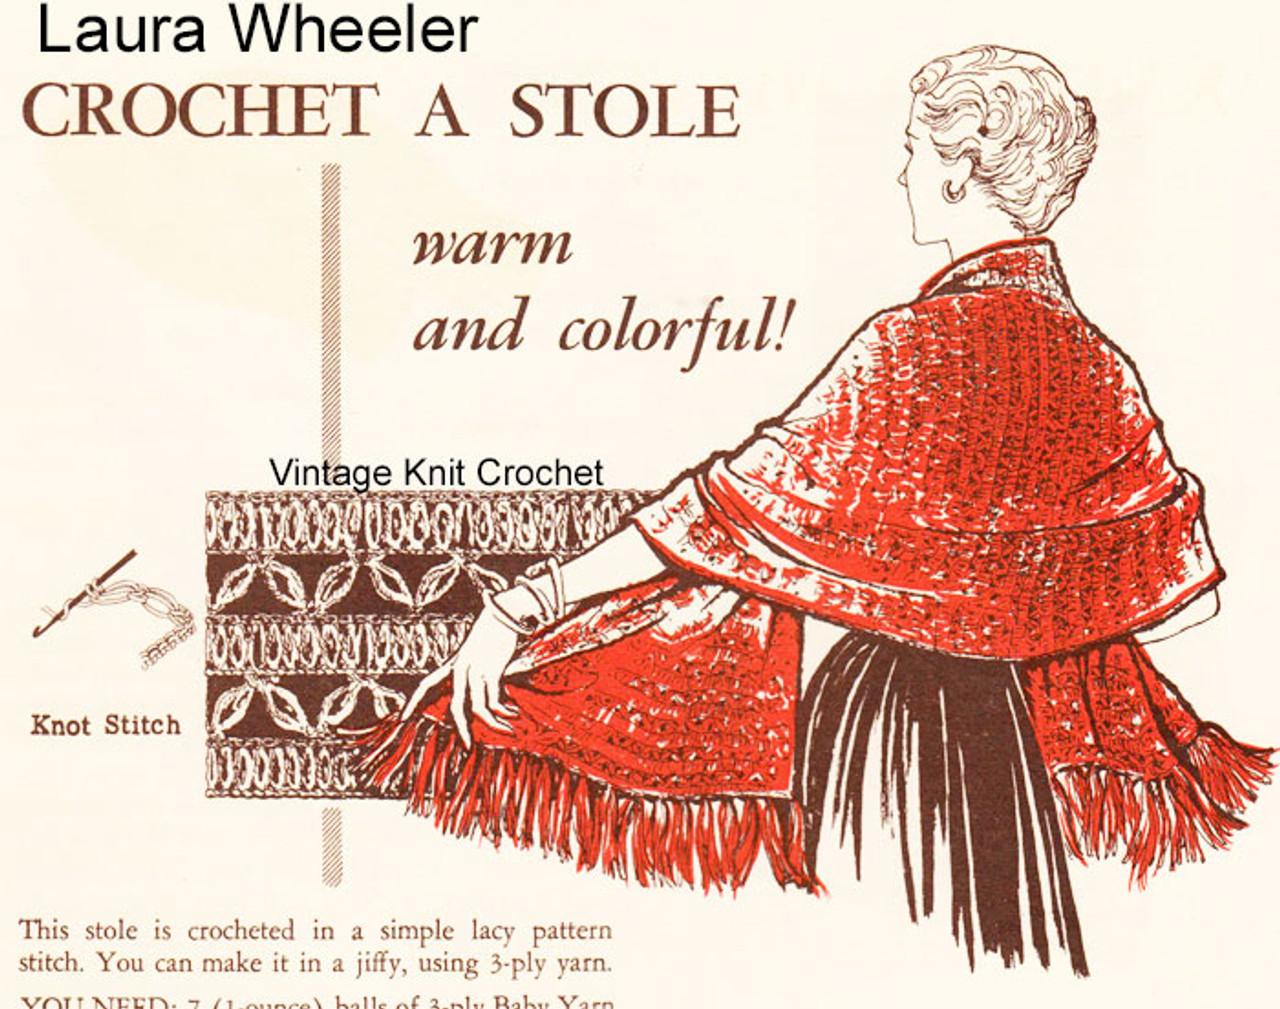 Easy Crochet Stole Pattern, Free Download